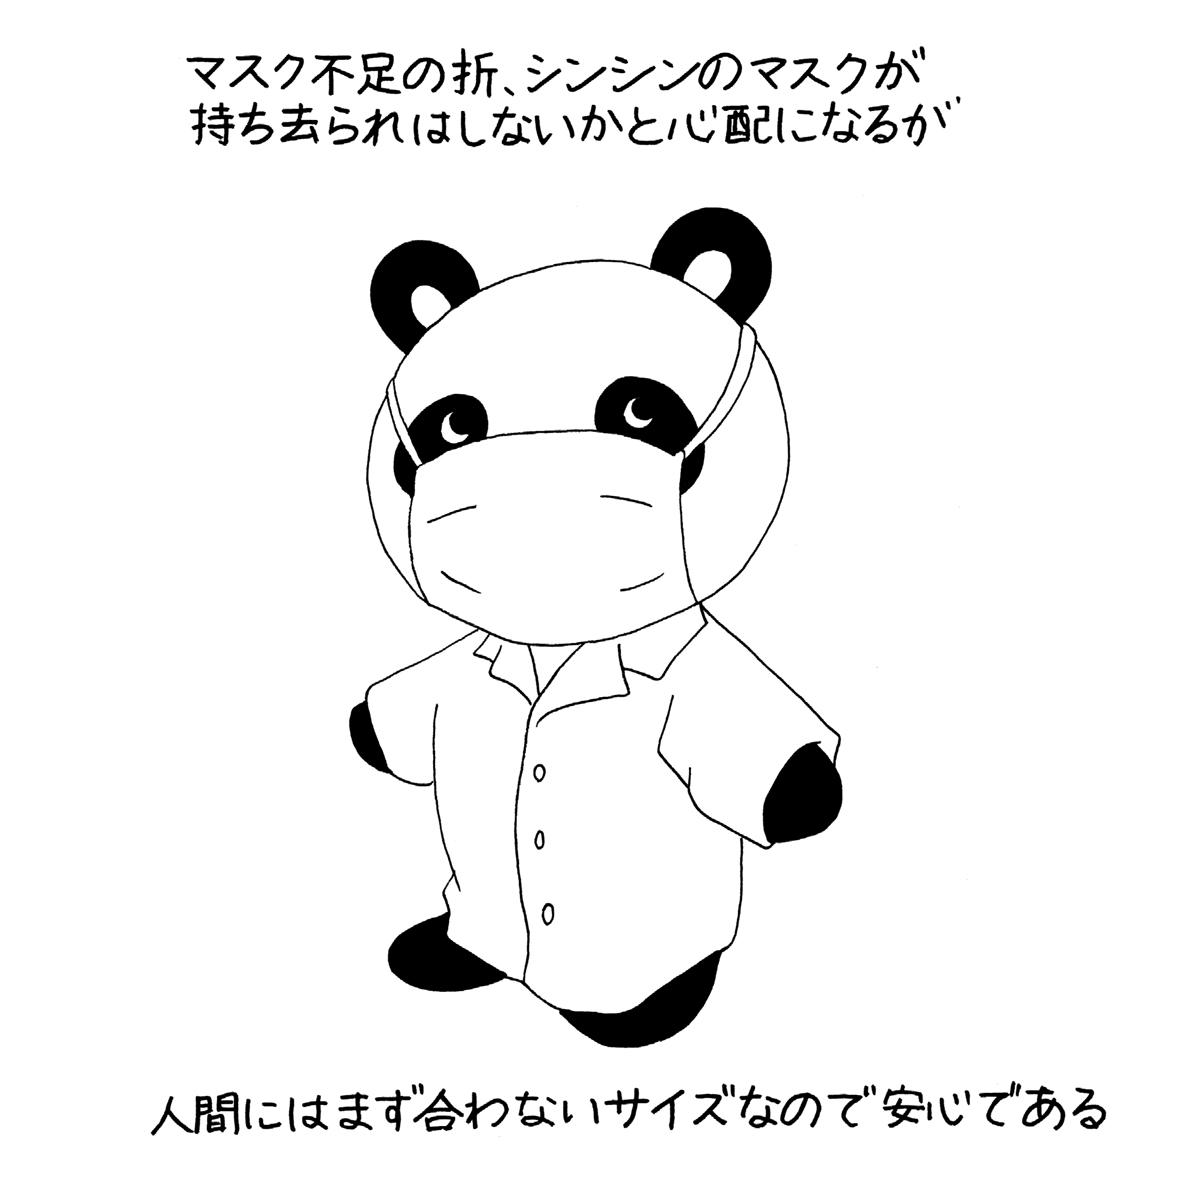 【コロナ時代の散歩術】パンダのシンシンもマスクをするのだろうかと、都内を調べてみた